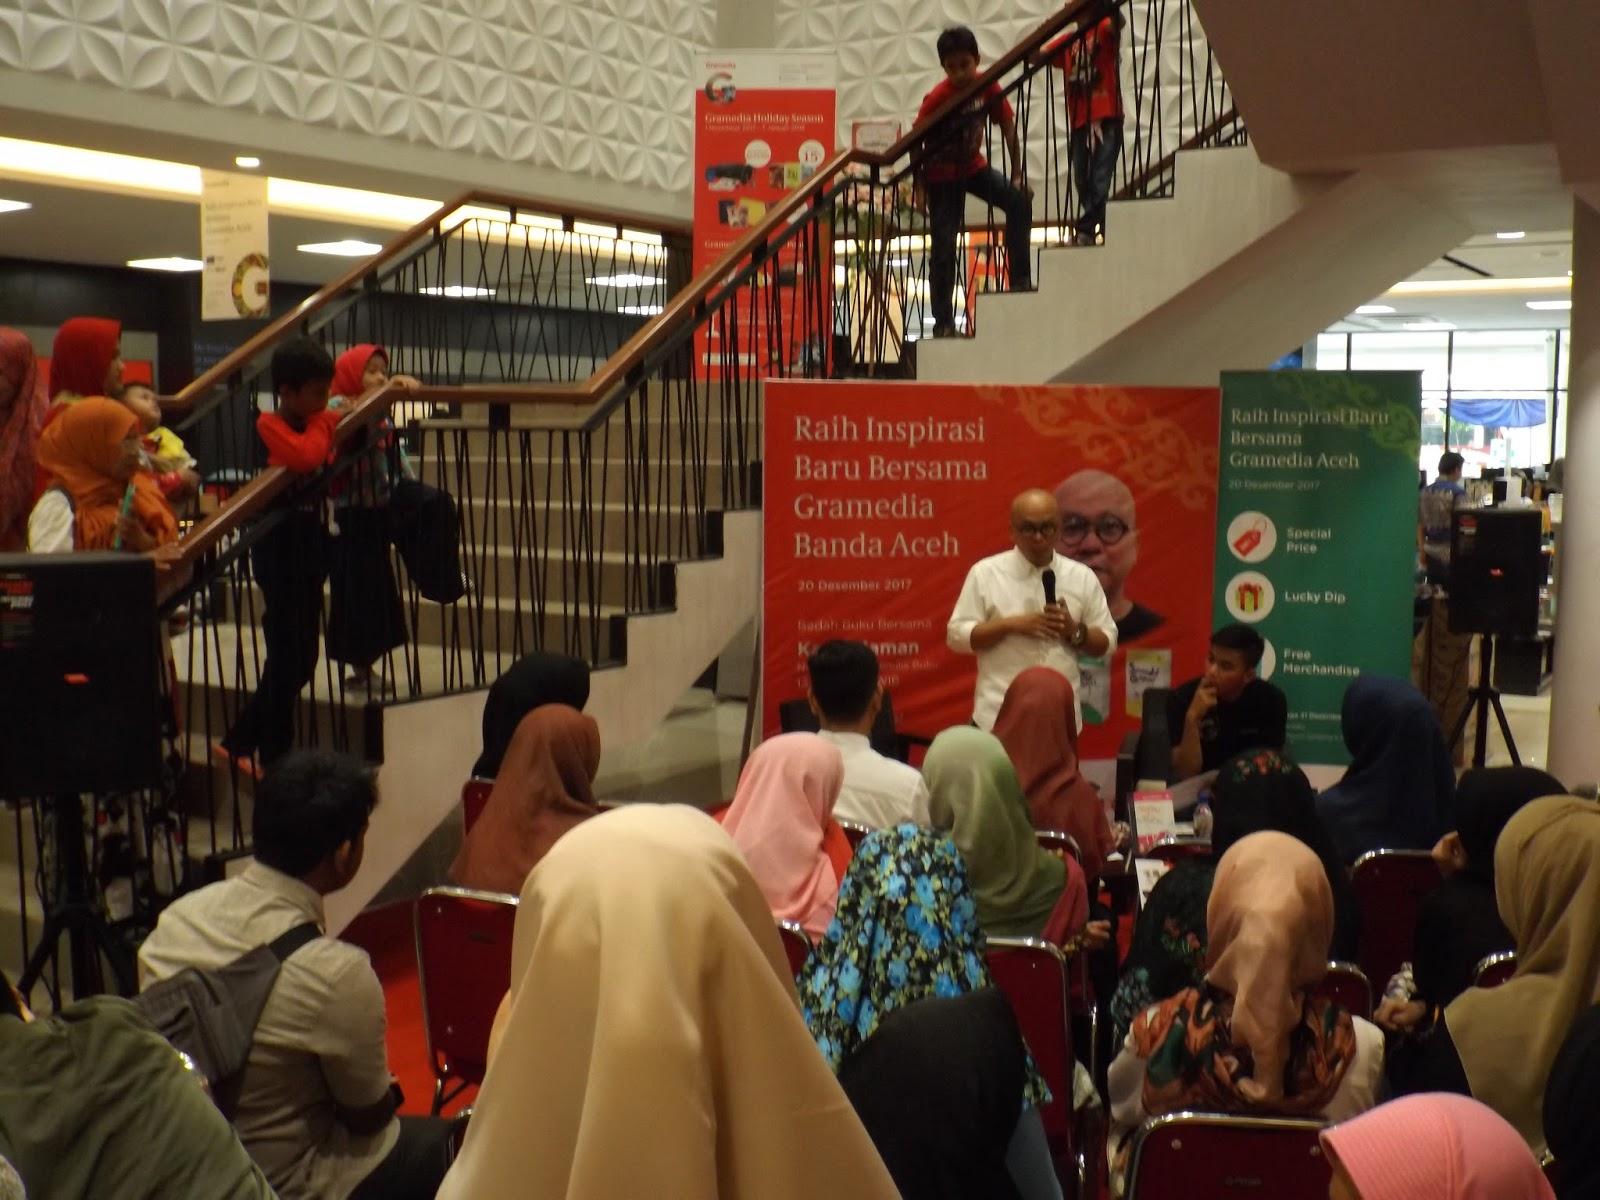 Toko Buku Gramedia Hadir Di Banda Aceh Karena Minat Baca Tinggi